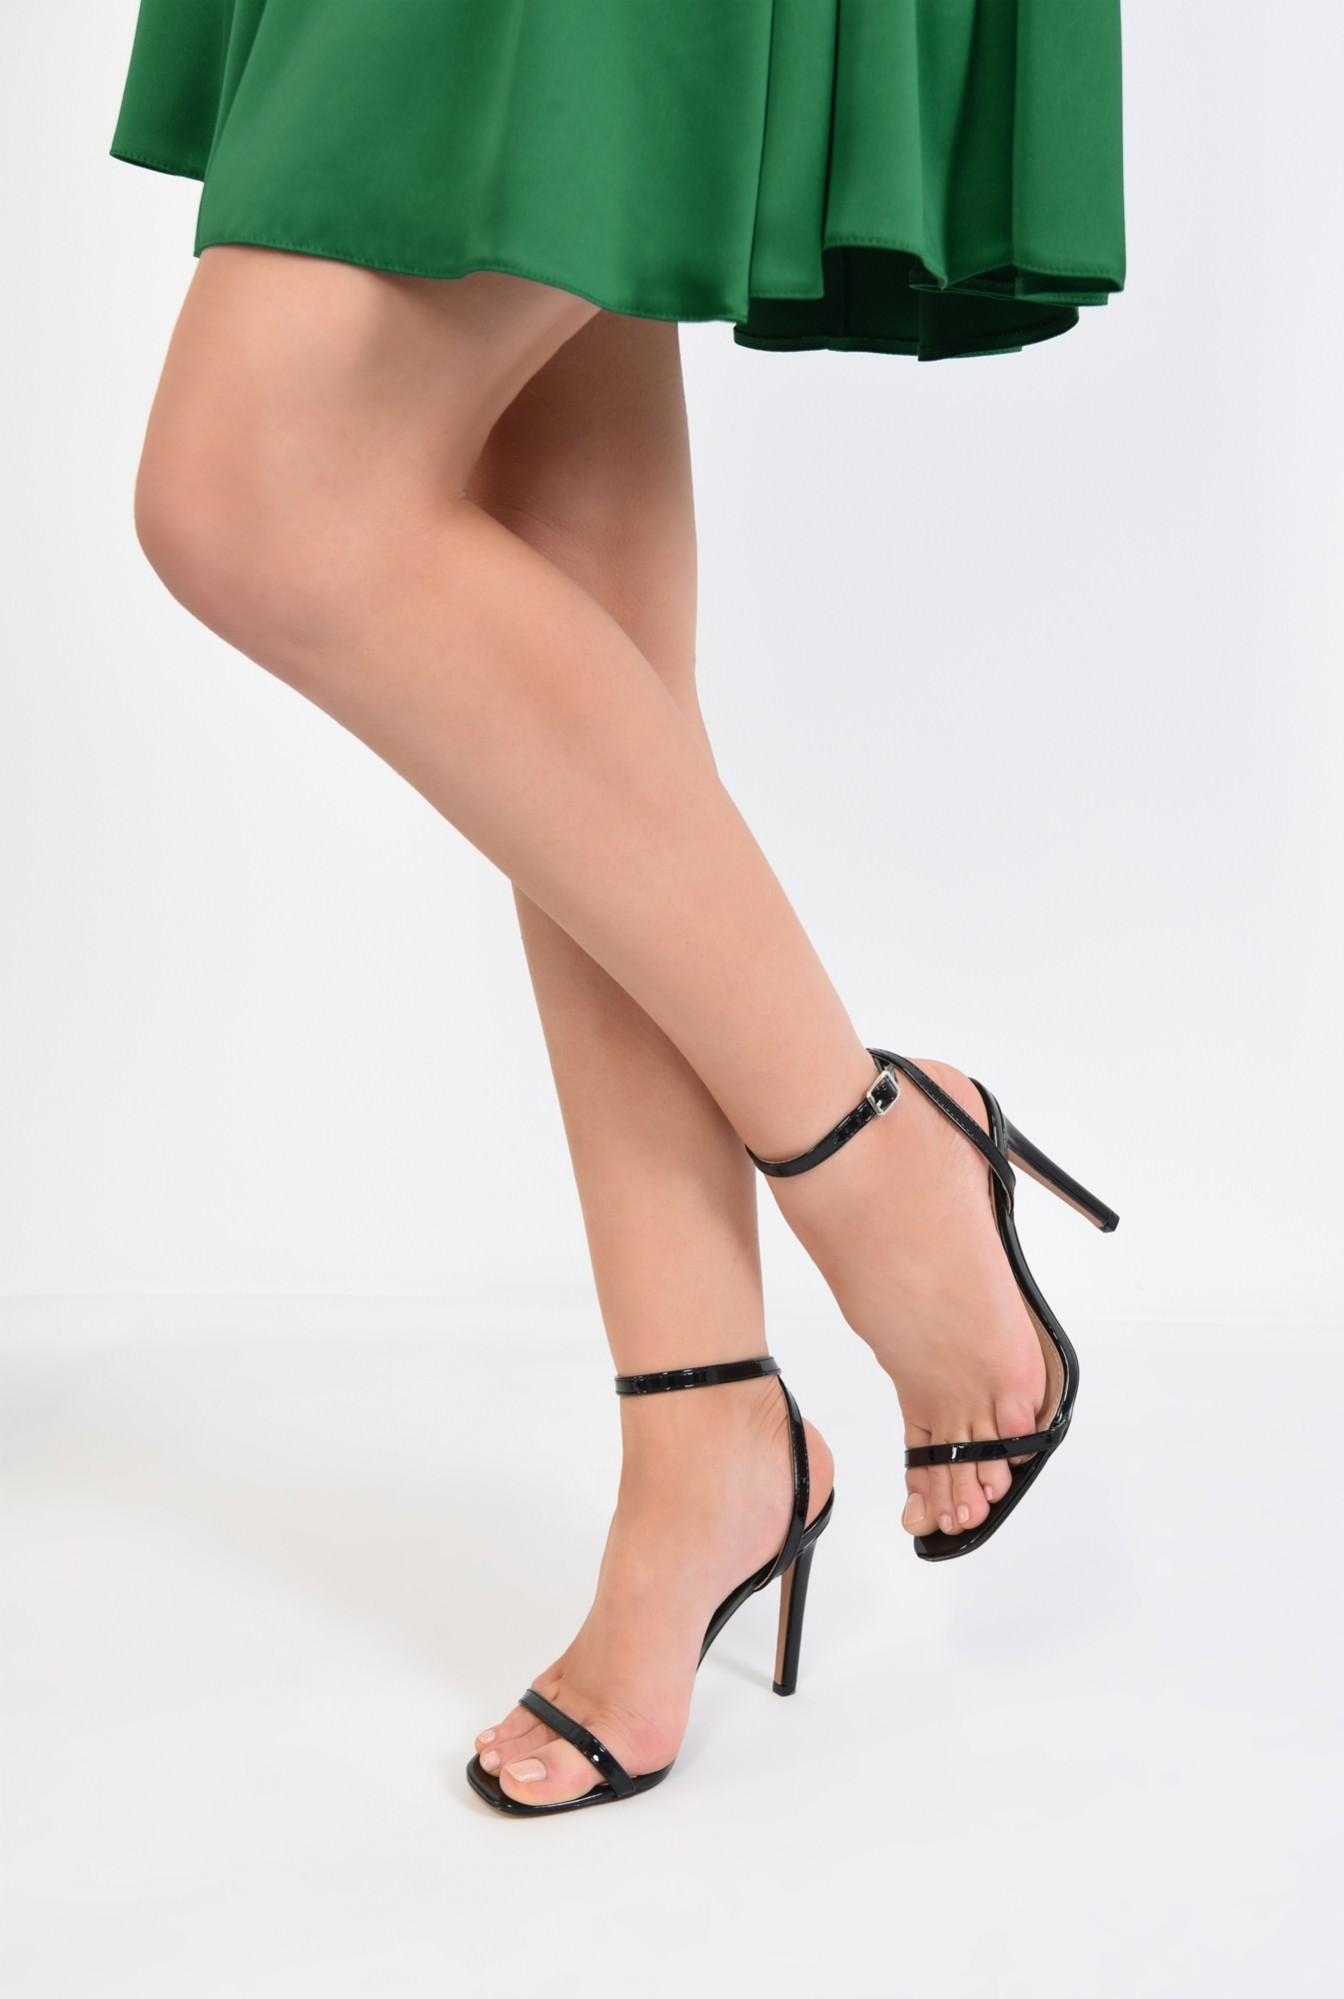 4 - sandale elegante, din lac, negre, toc cui